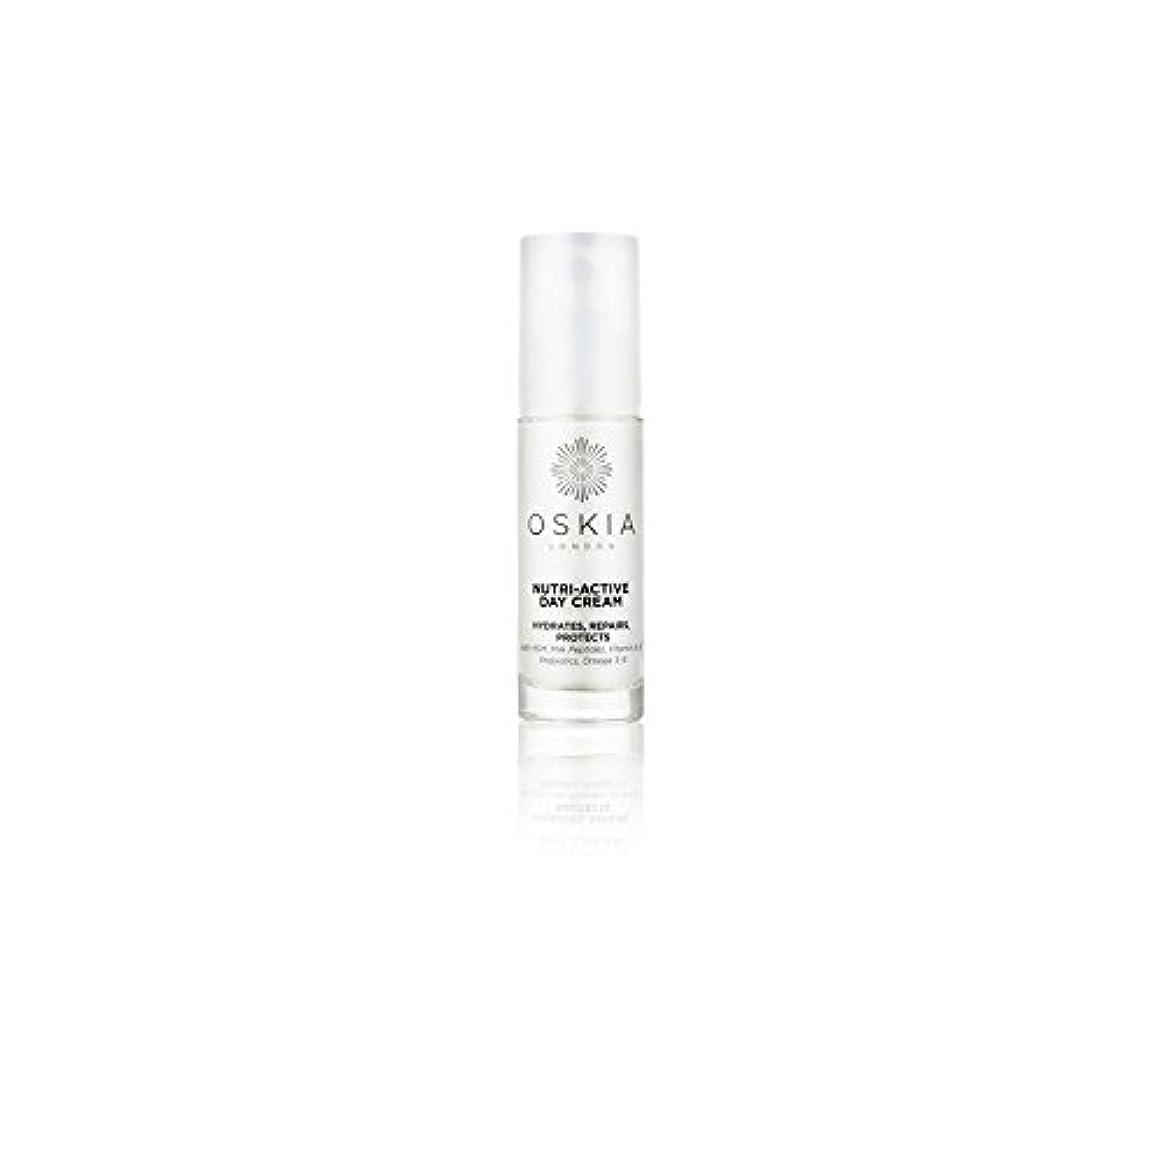 連続した怒るサロンOskia Nutri-Active Day Cream (40ml) (Pack of 6) - のニュートリアクティブデイクリーム(40ミリリットル) x6 [並行輸入品]